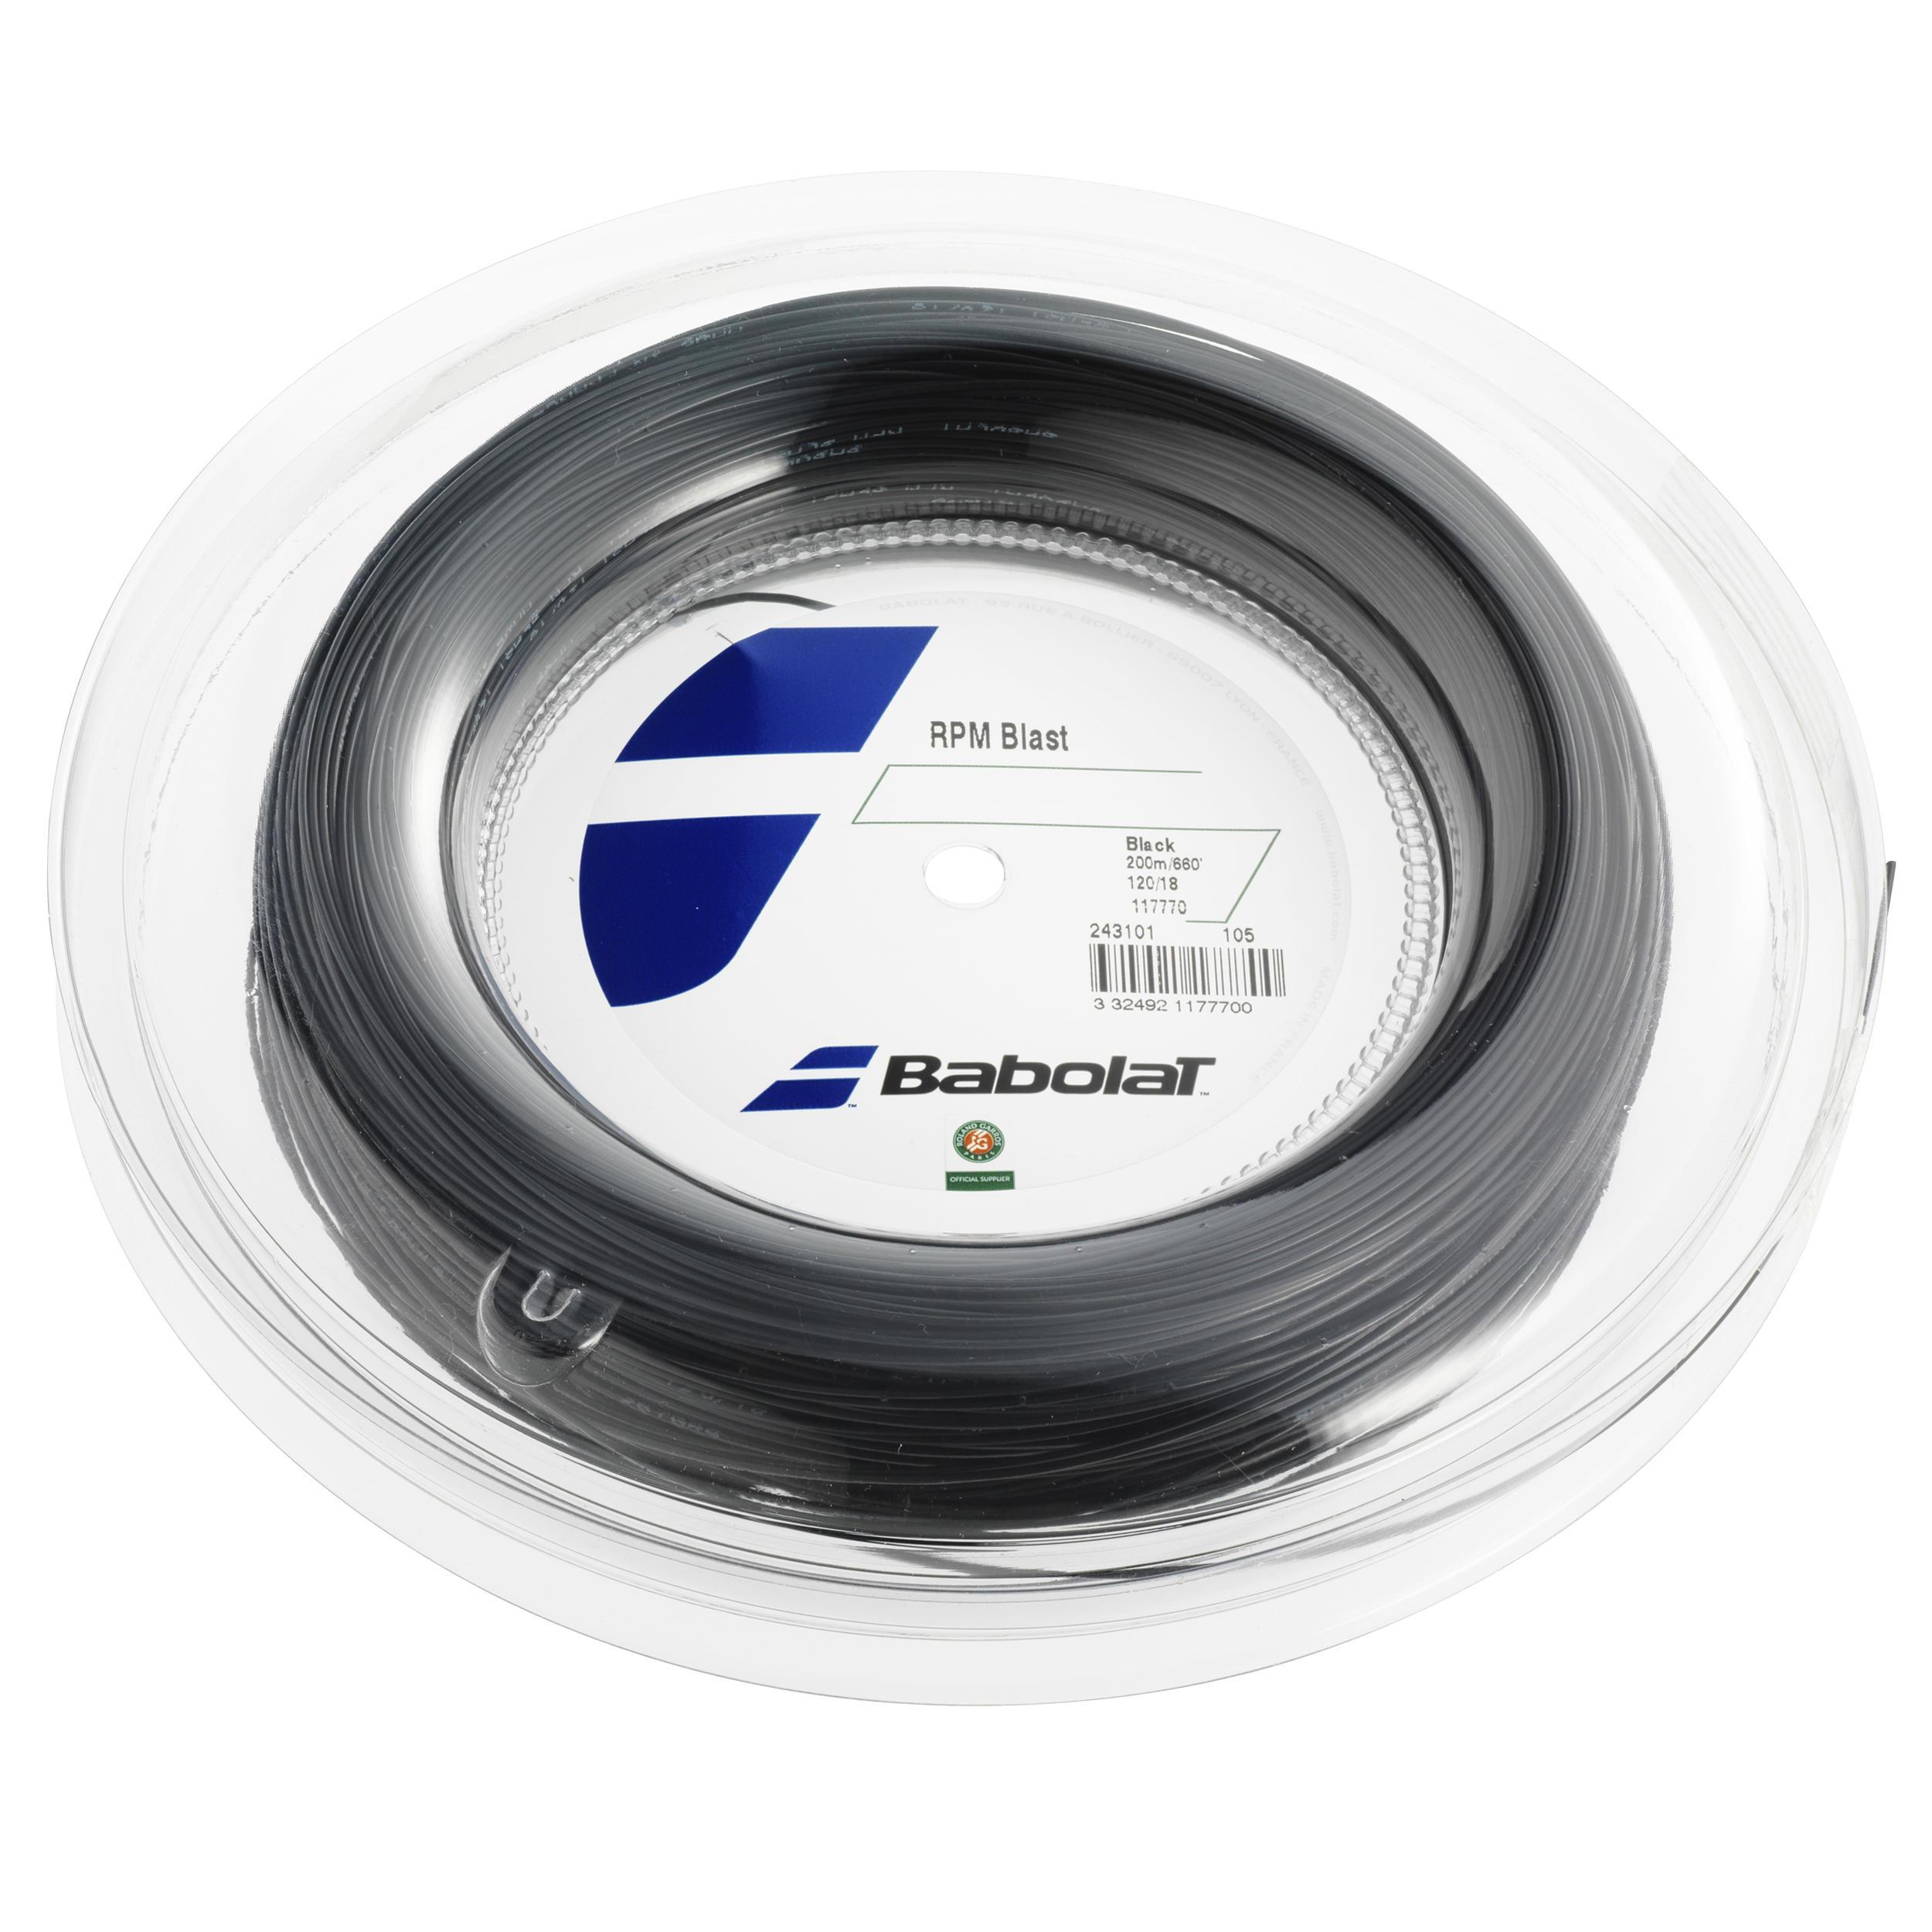 Babolat Tennisbesnaring monofilament RPM BLAST 1,25 mm zwart 200 m kopen